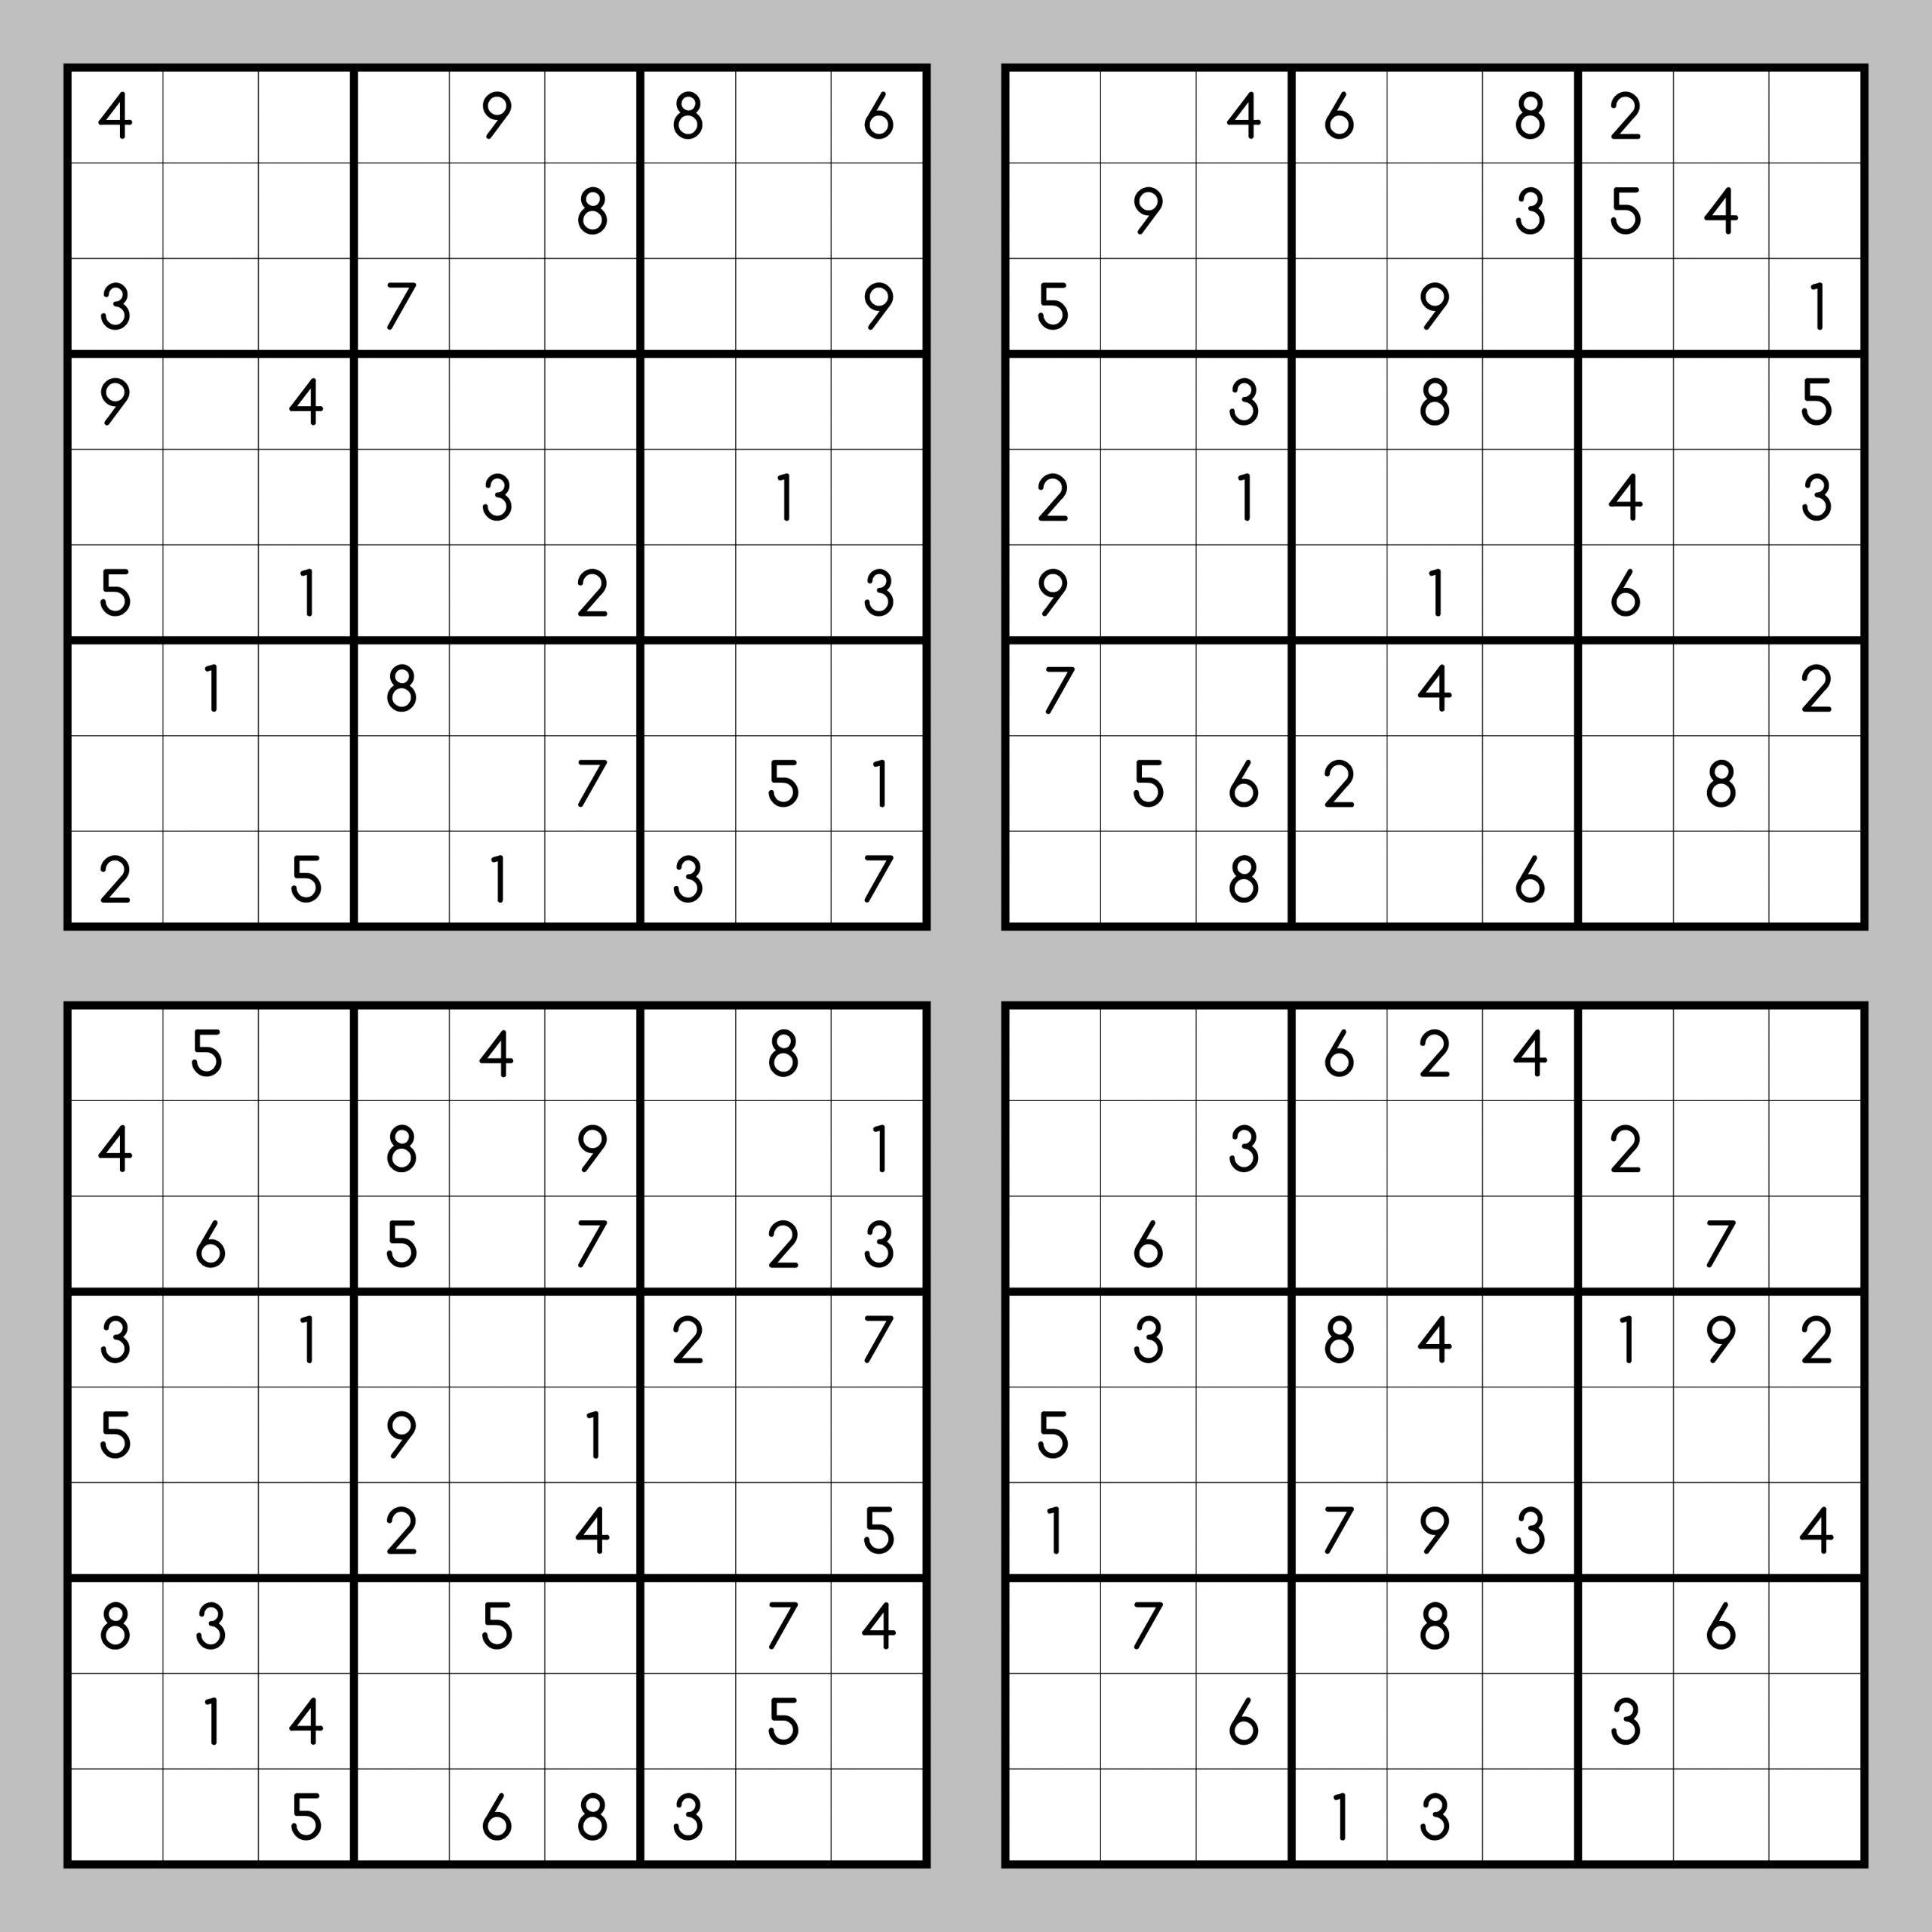 Sudoku Online Lösen Mit Dem Sudoku Solver ganzes Sudoku Kostenlos Ausdrucken